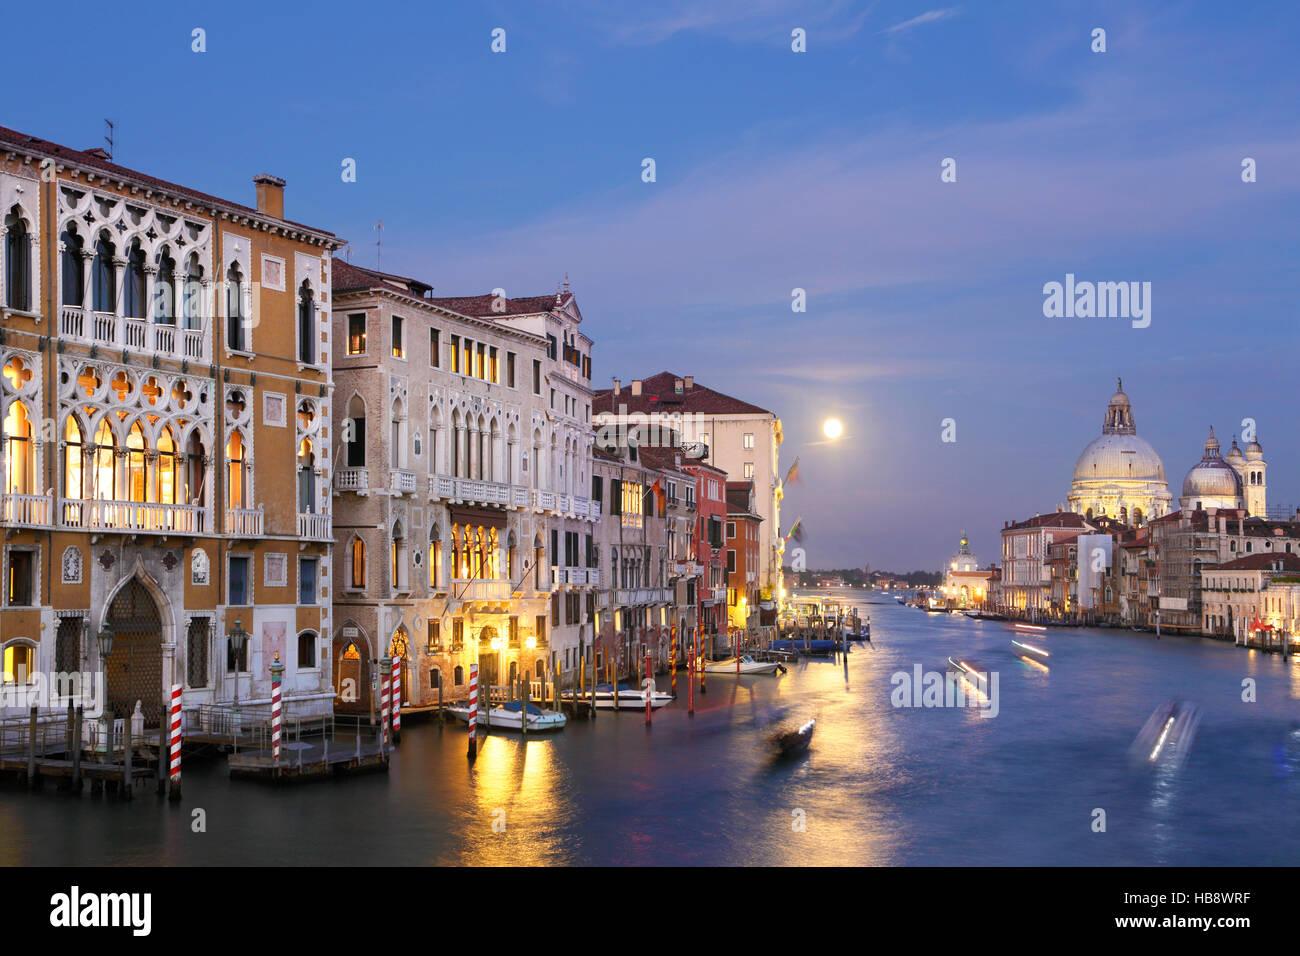 palazzo-franchetti-on-grand-canal-venice